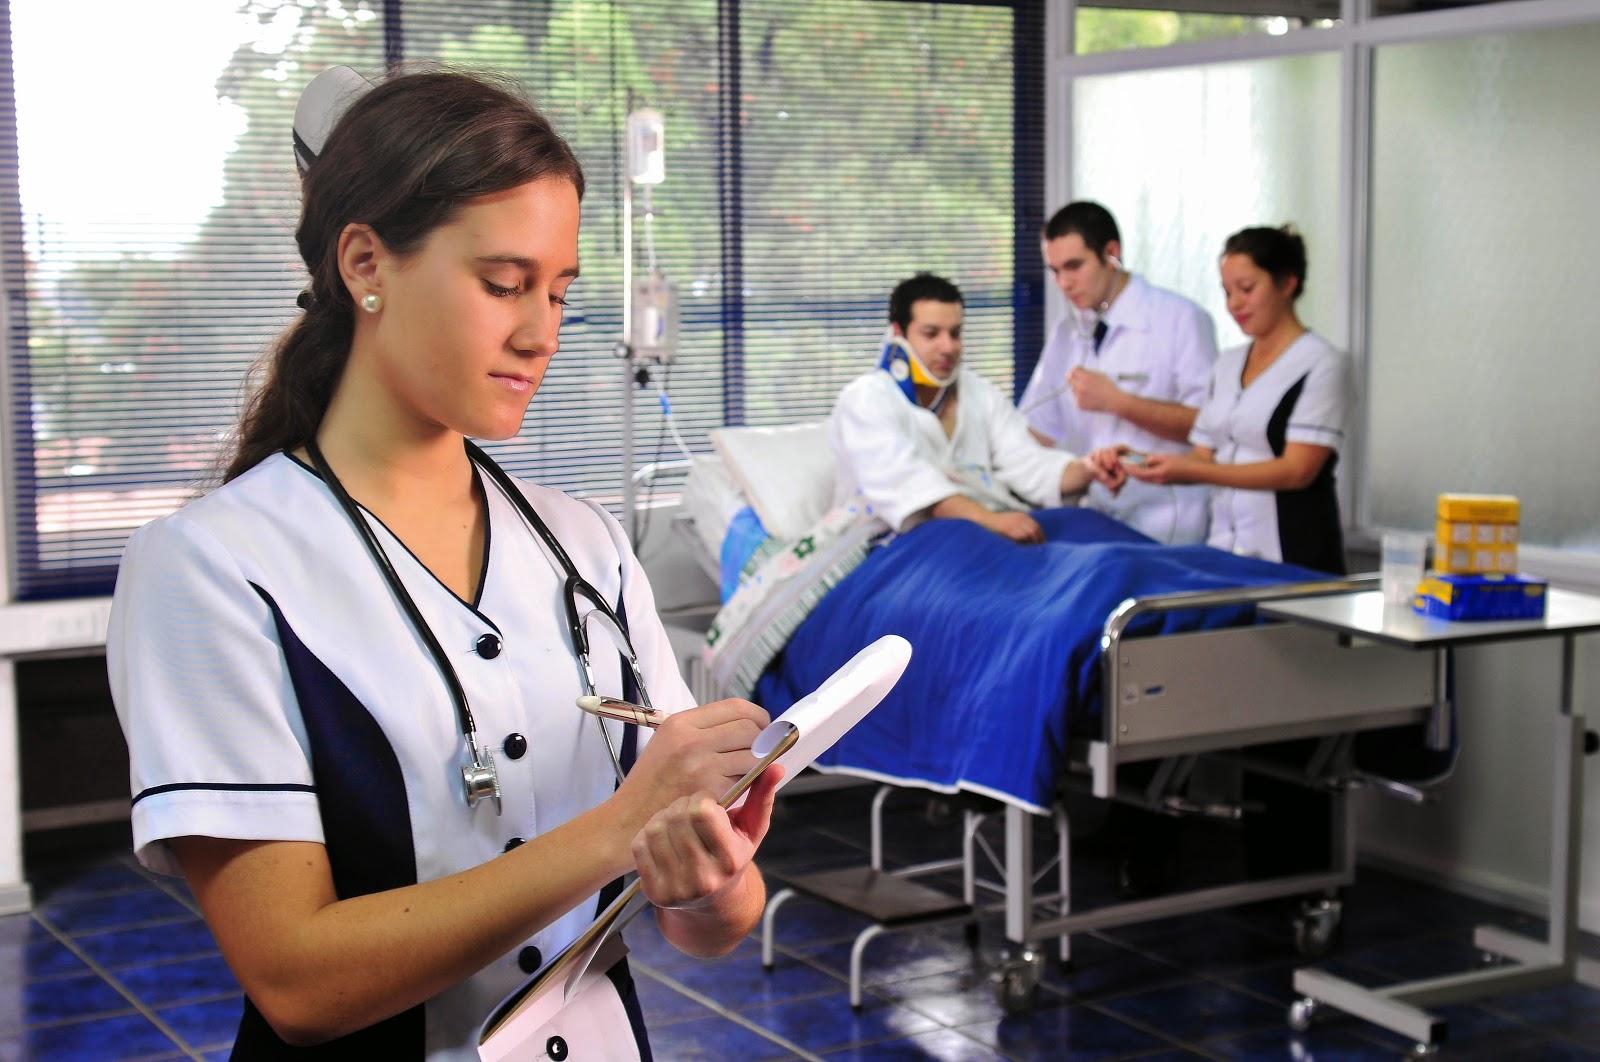 Las enfermeras del turno de noche - 3 6